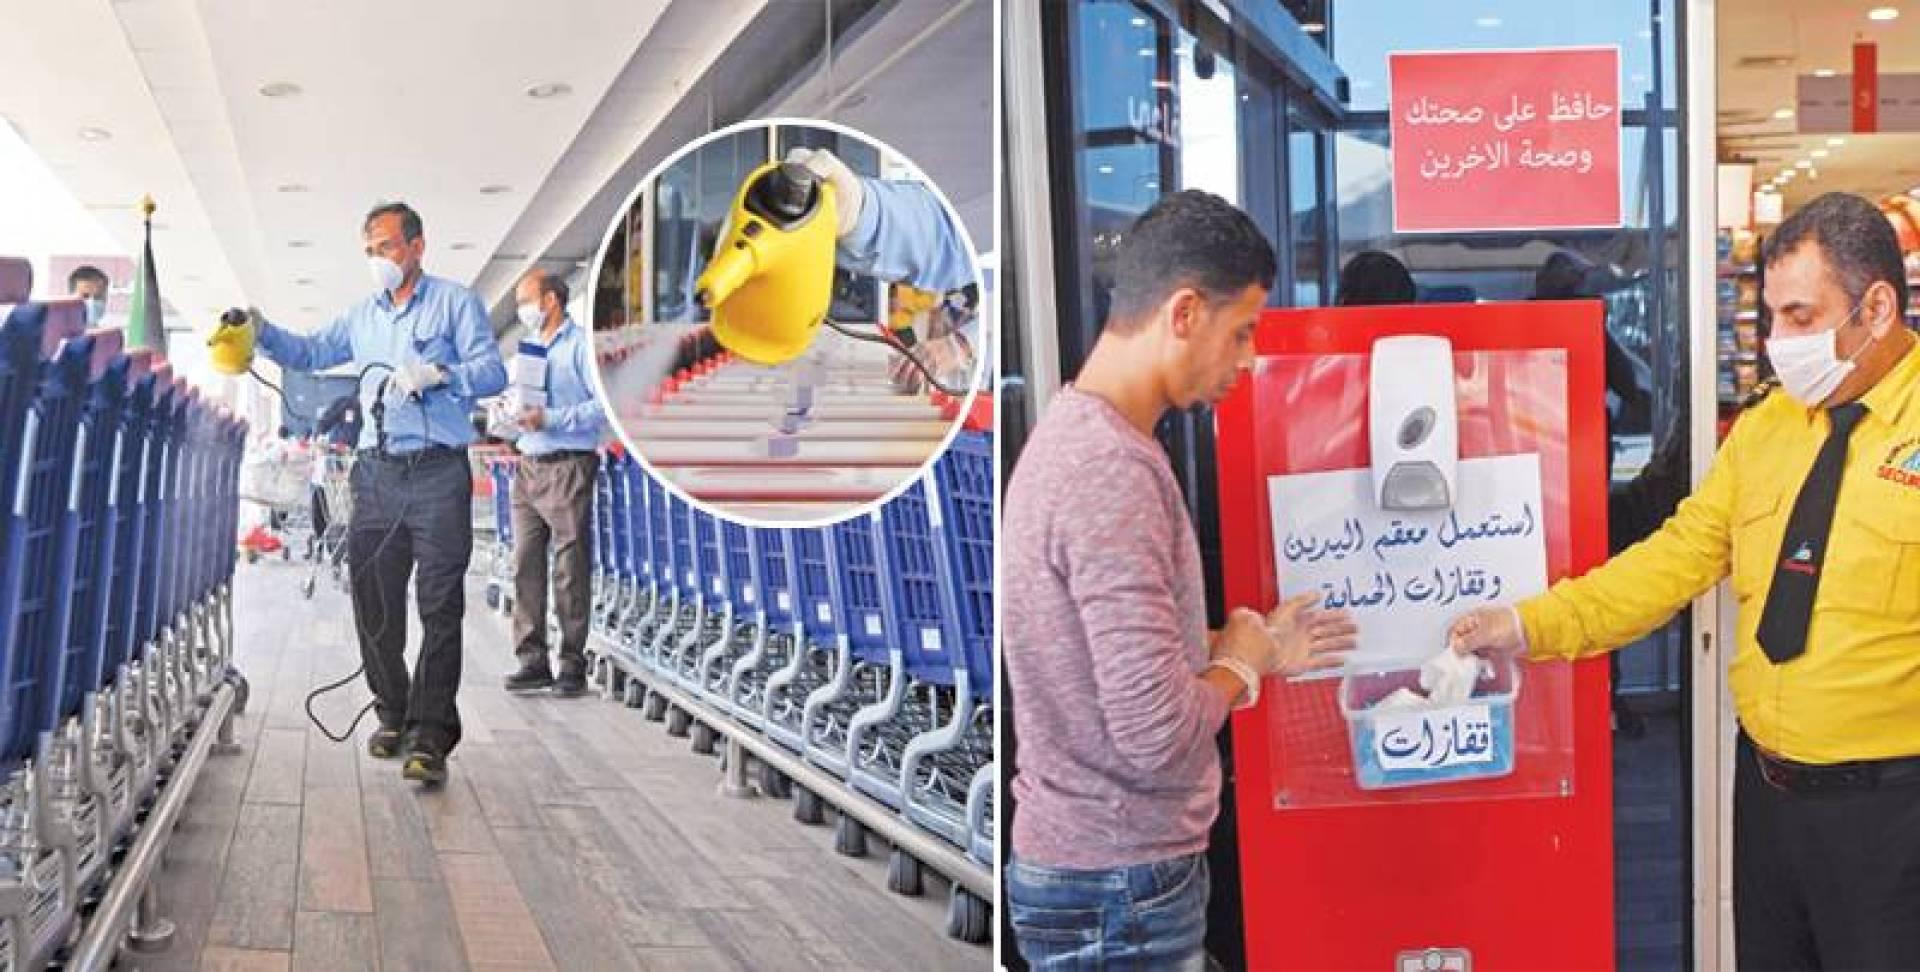 توزيع القفازات على المتسوقين - تعقيم عربات الجمعيات (تصوير: محمودالفوريكي)